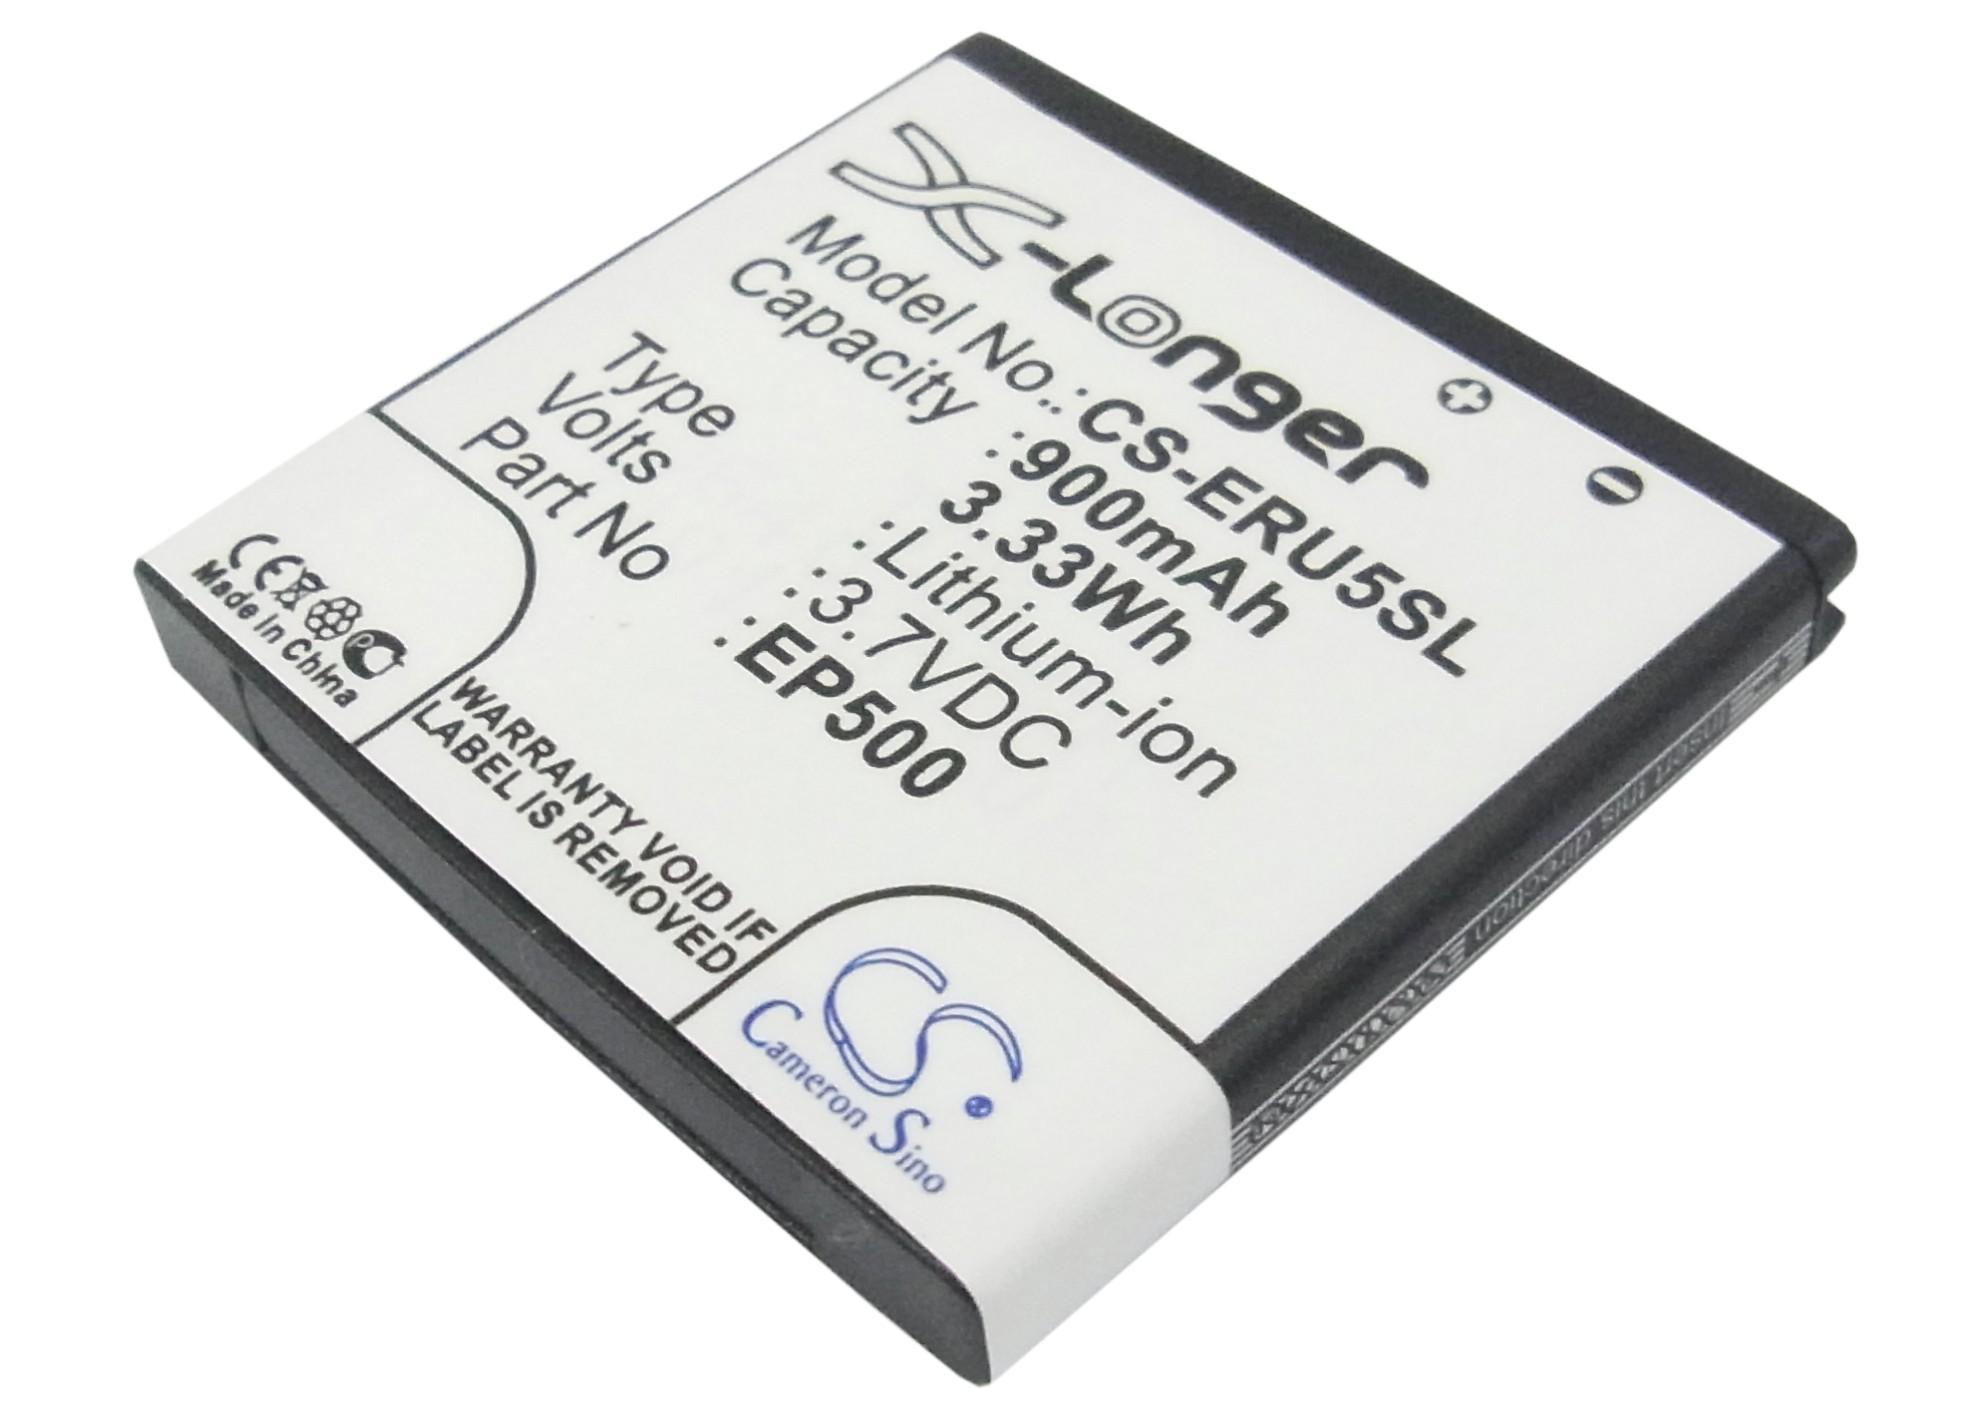 Cameron Sino baterie do mobilů pro SONY ERICSSON U8i Vivaz Pro 3.7V Li-ion 900mAh černá - neoriginální